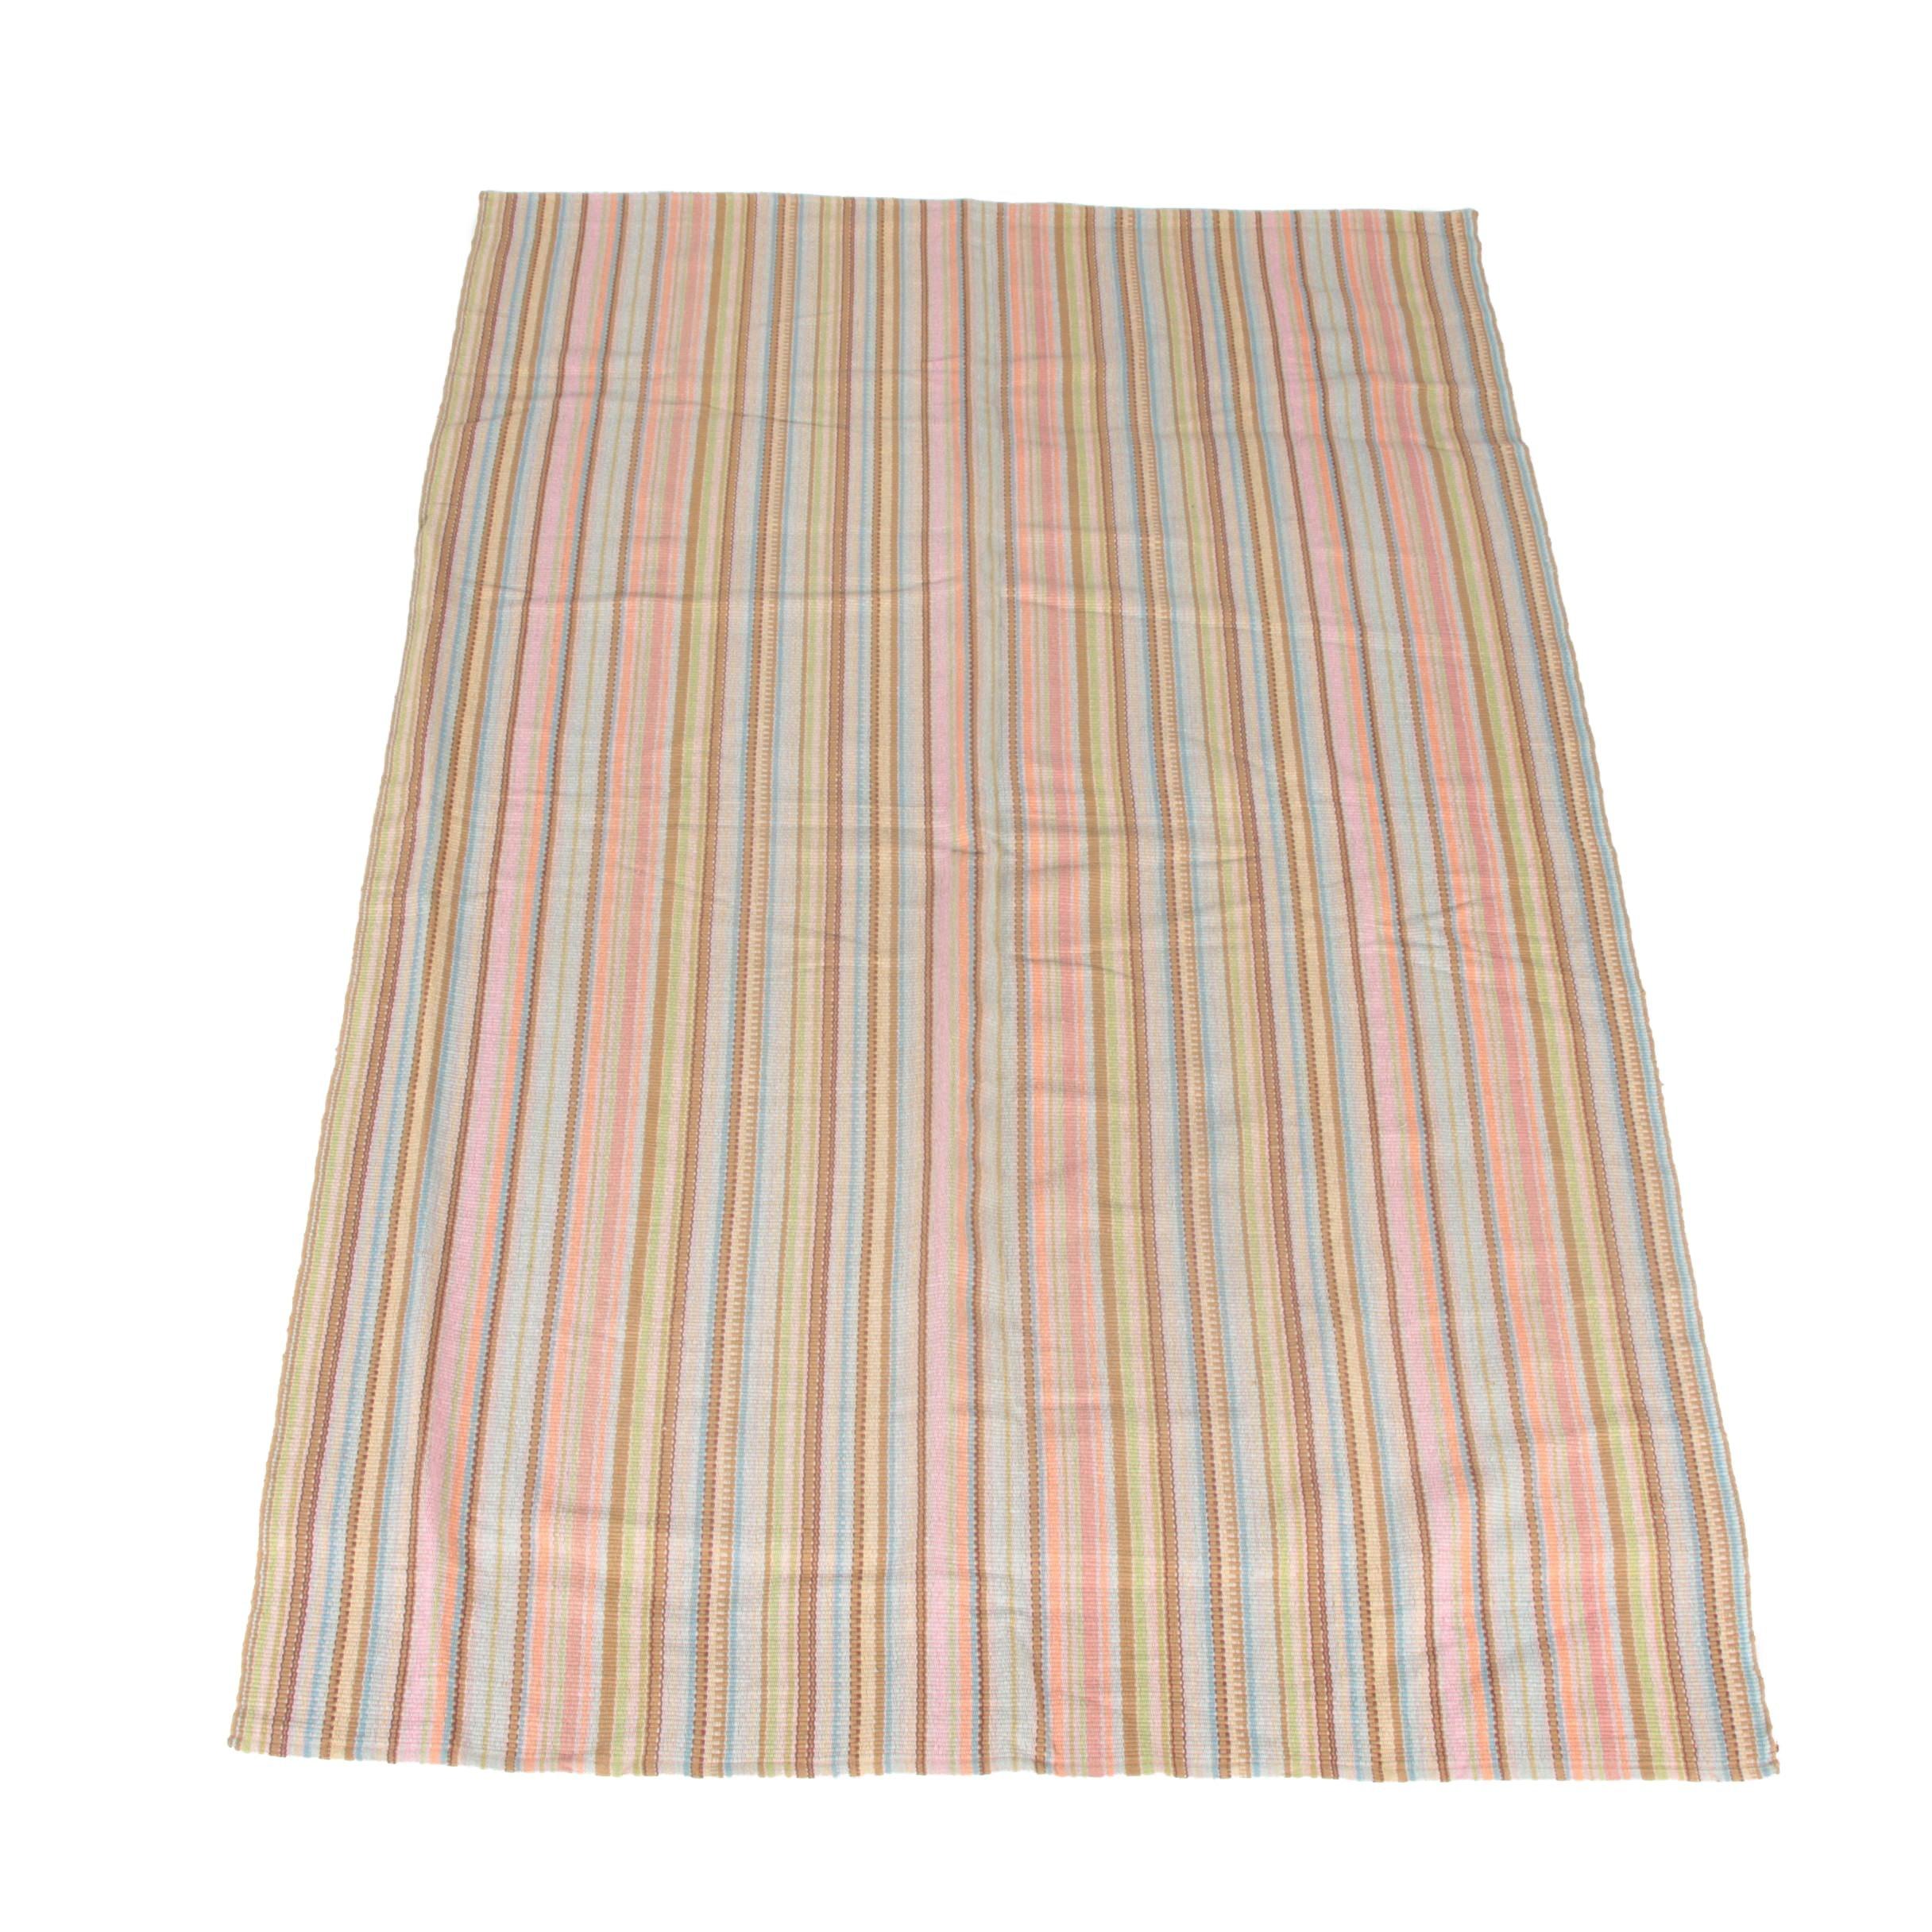 Handwoven Indian Dash & Albert Flatweave Cotton Area Rug